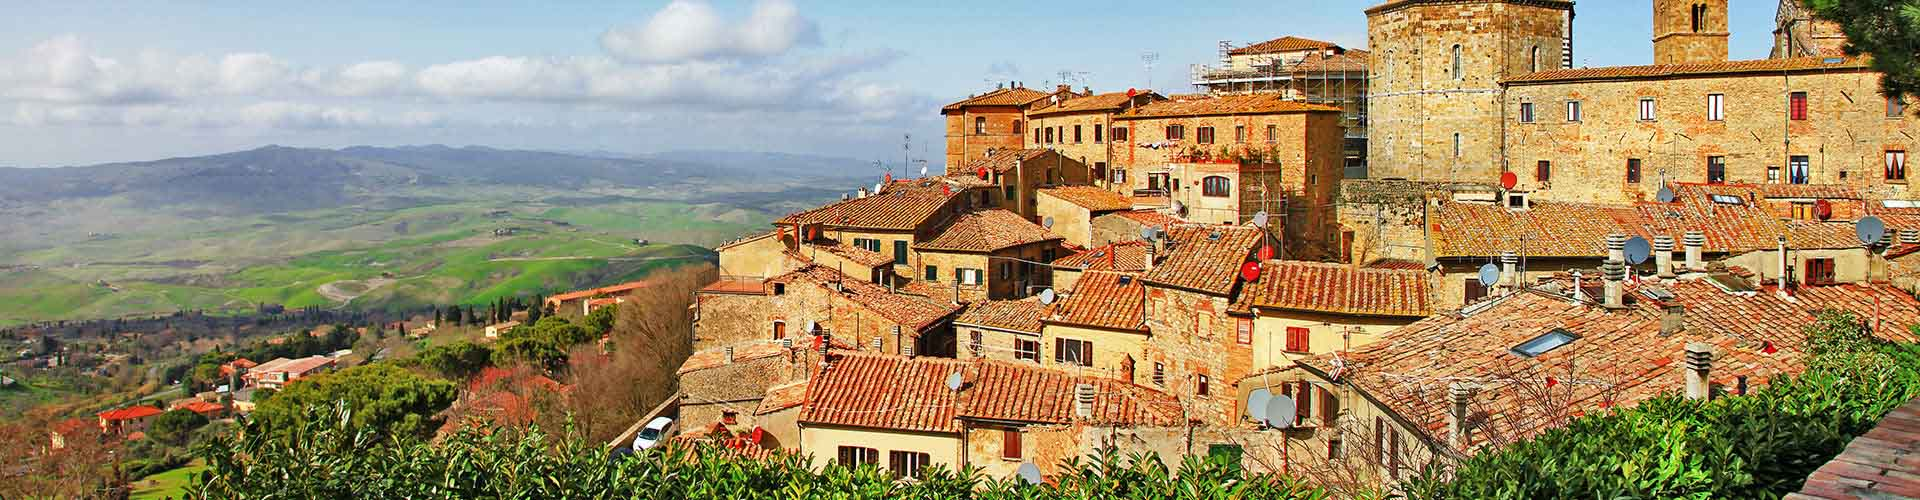 Volterra - Hôtels à Volterra. Cartes pour Volterra, photos et commentaires pour chaque hôtel à Volterra.